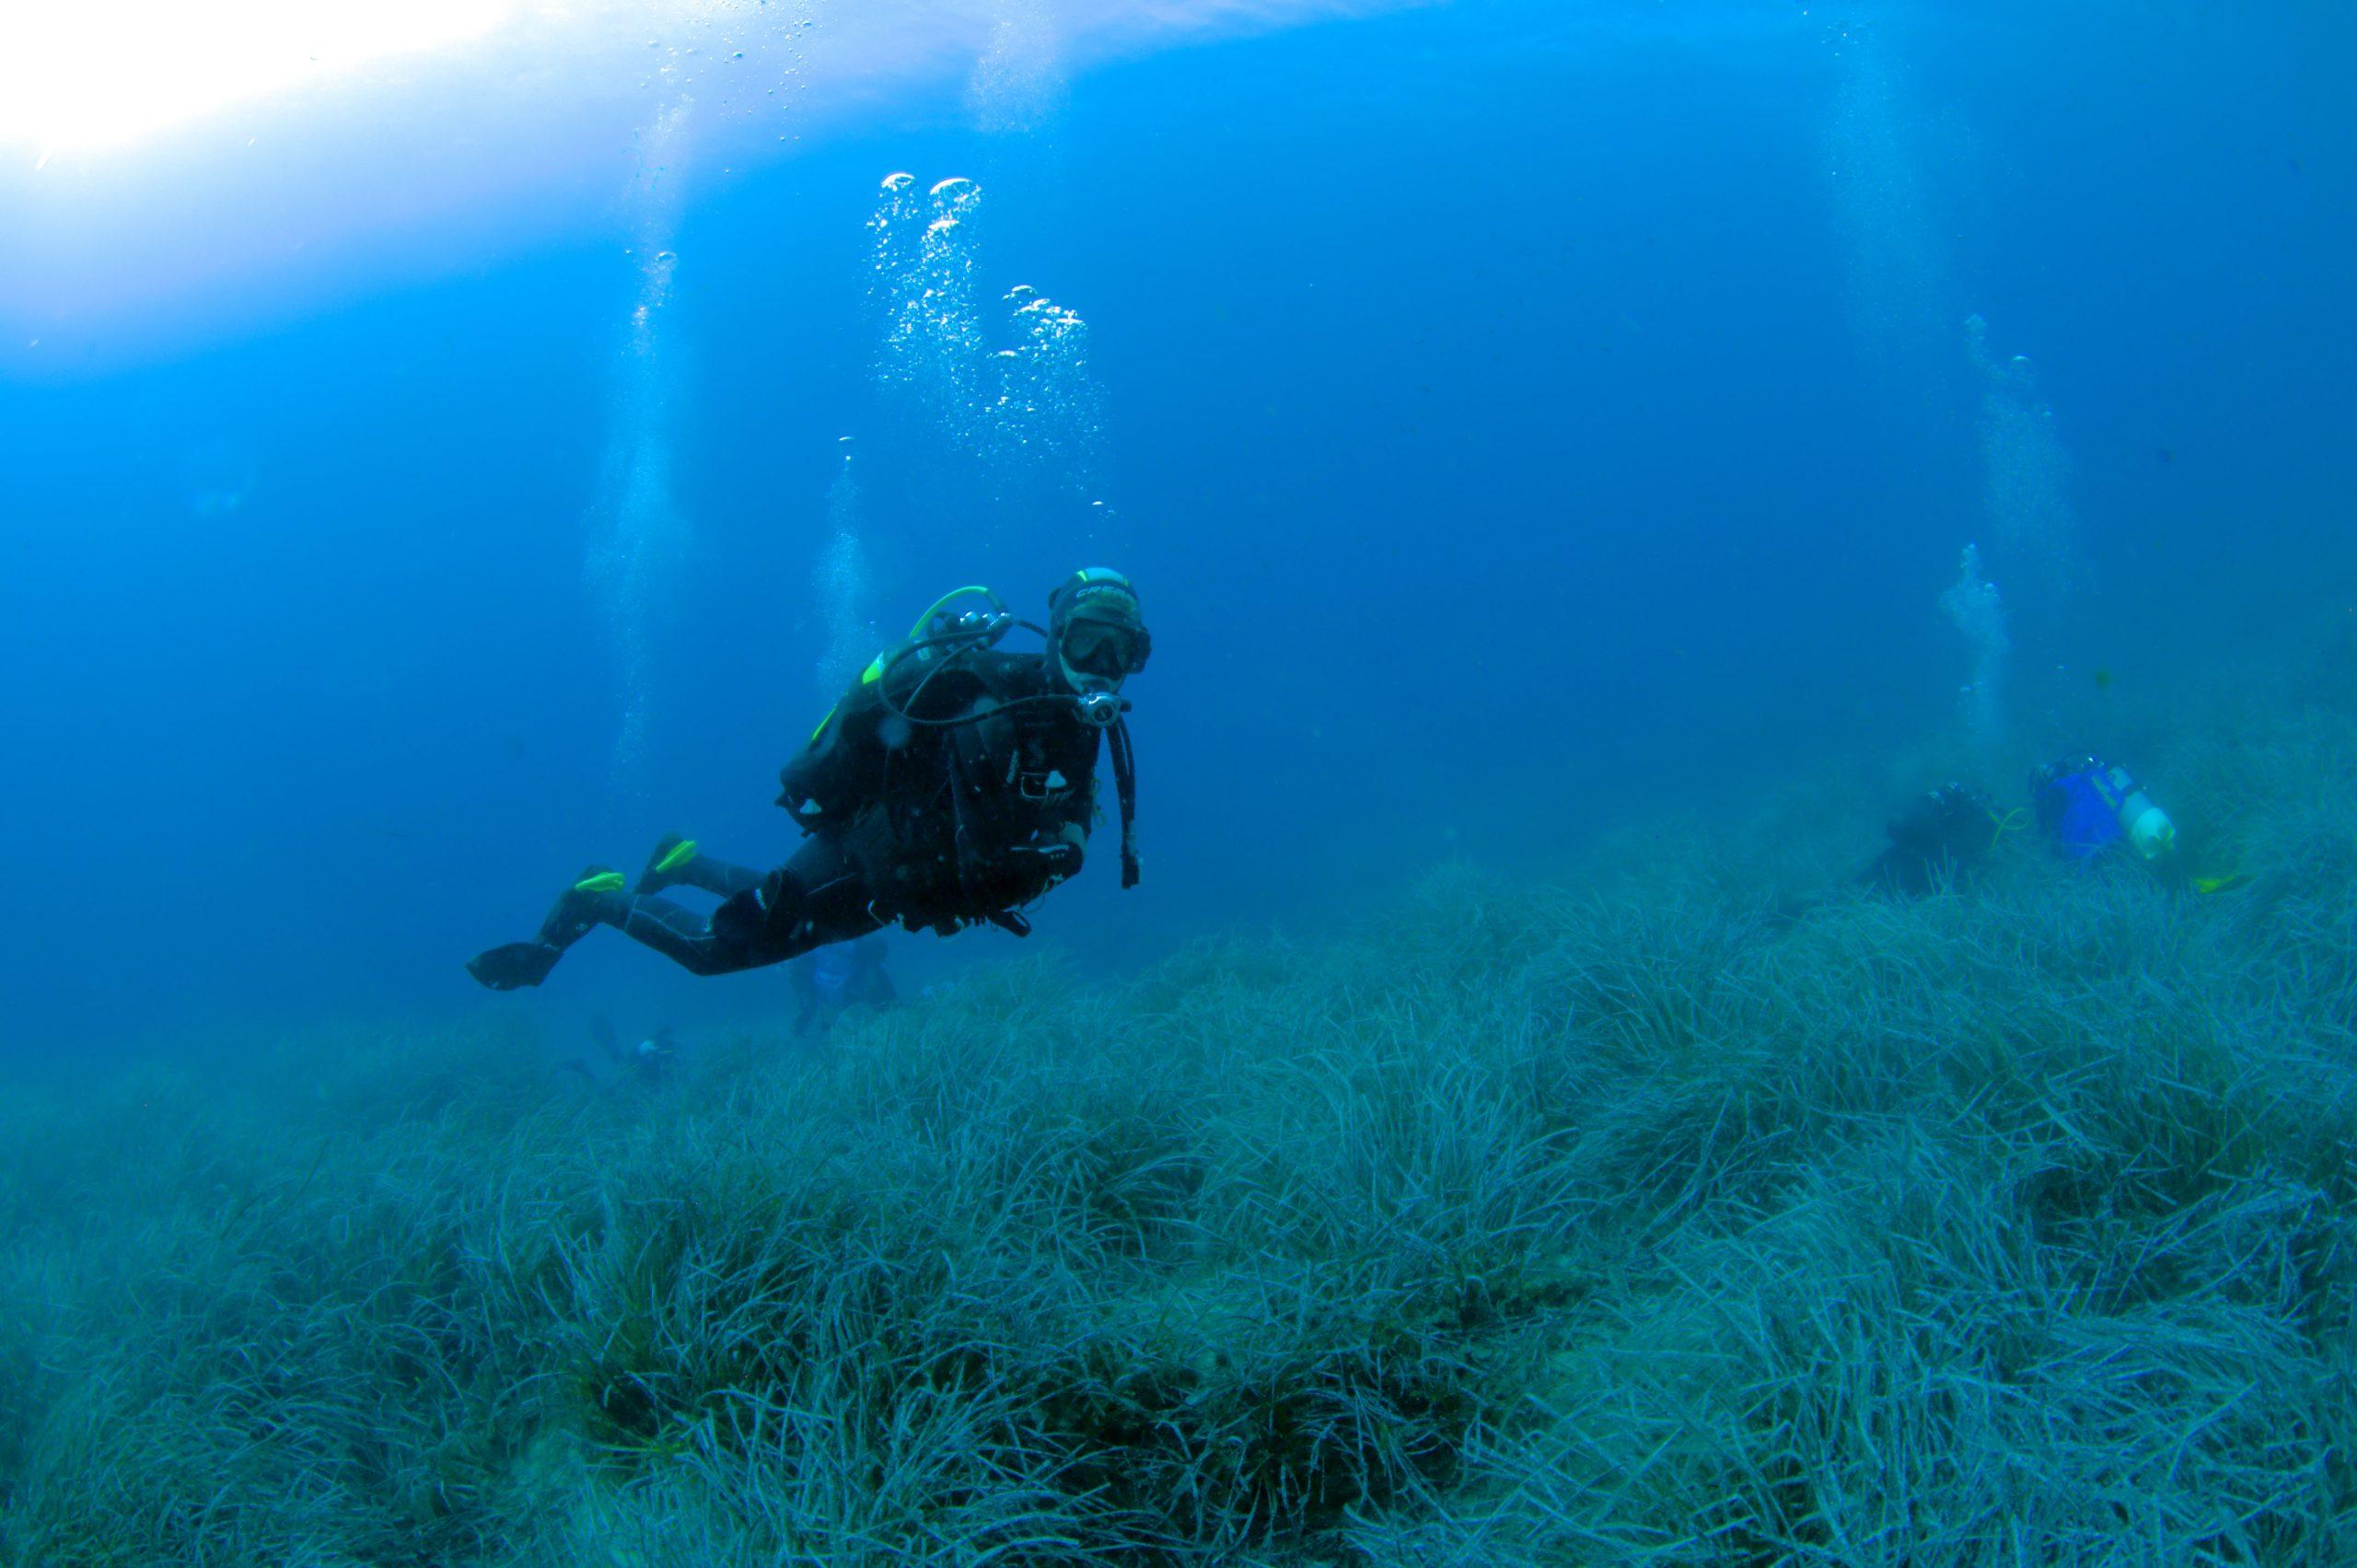 Un problema serio, la qualità delle miscele respirabili nella subacquea